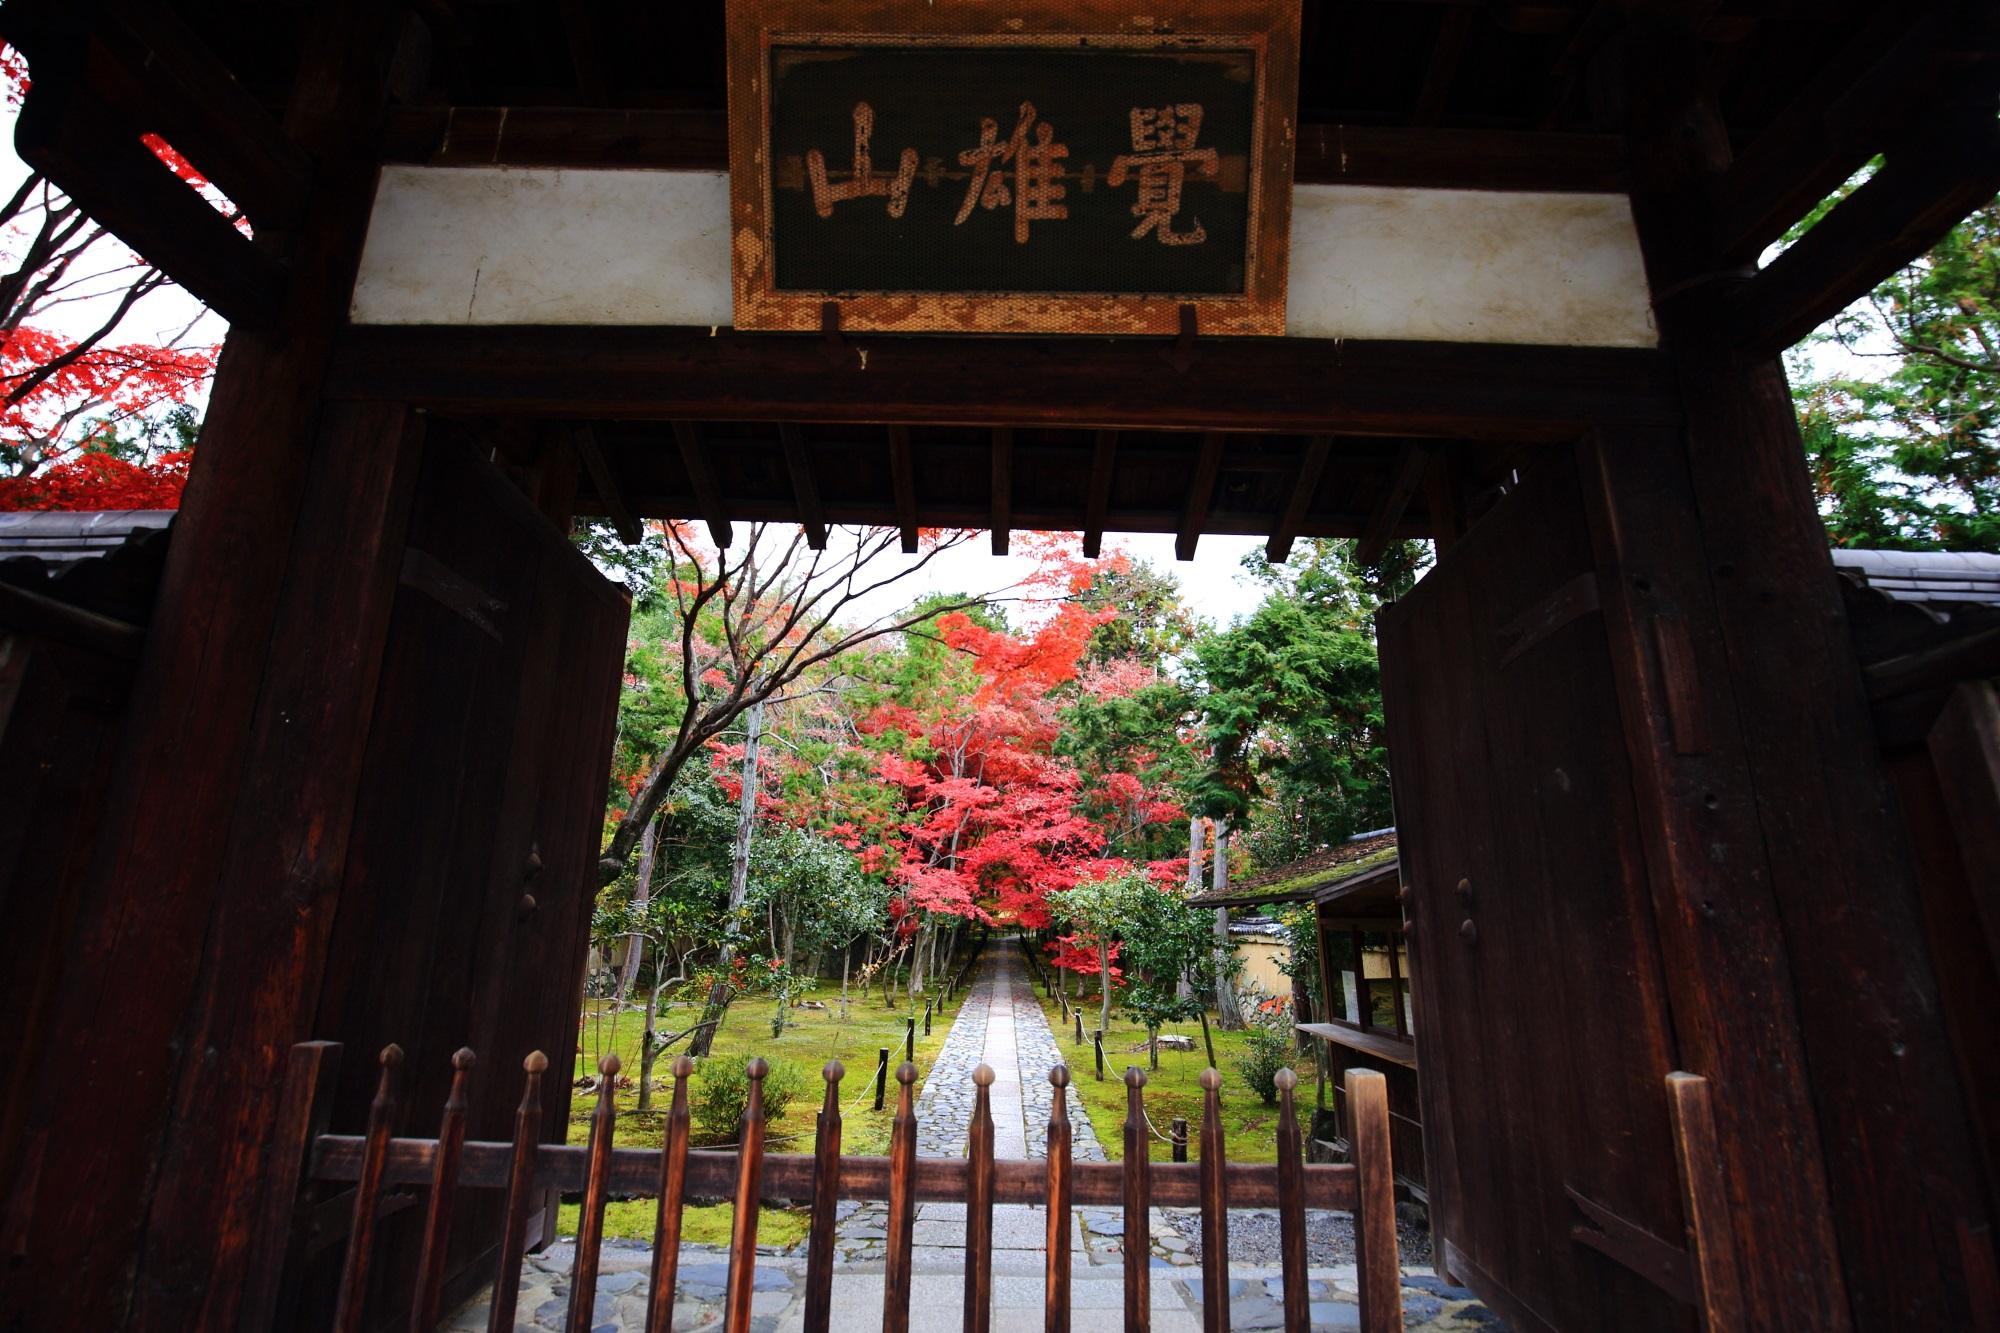 鹿王院の山門と参道の紅葉